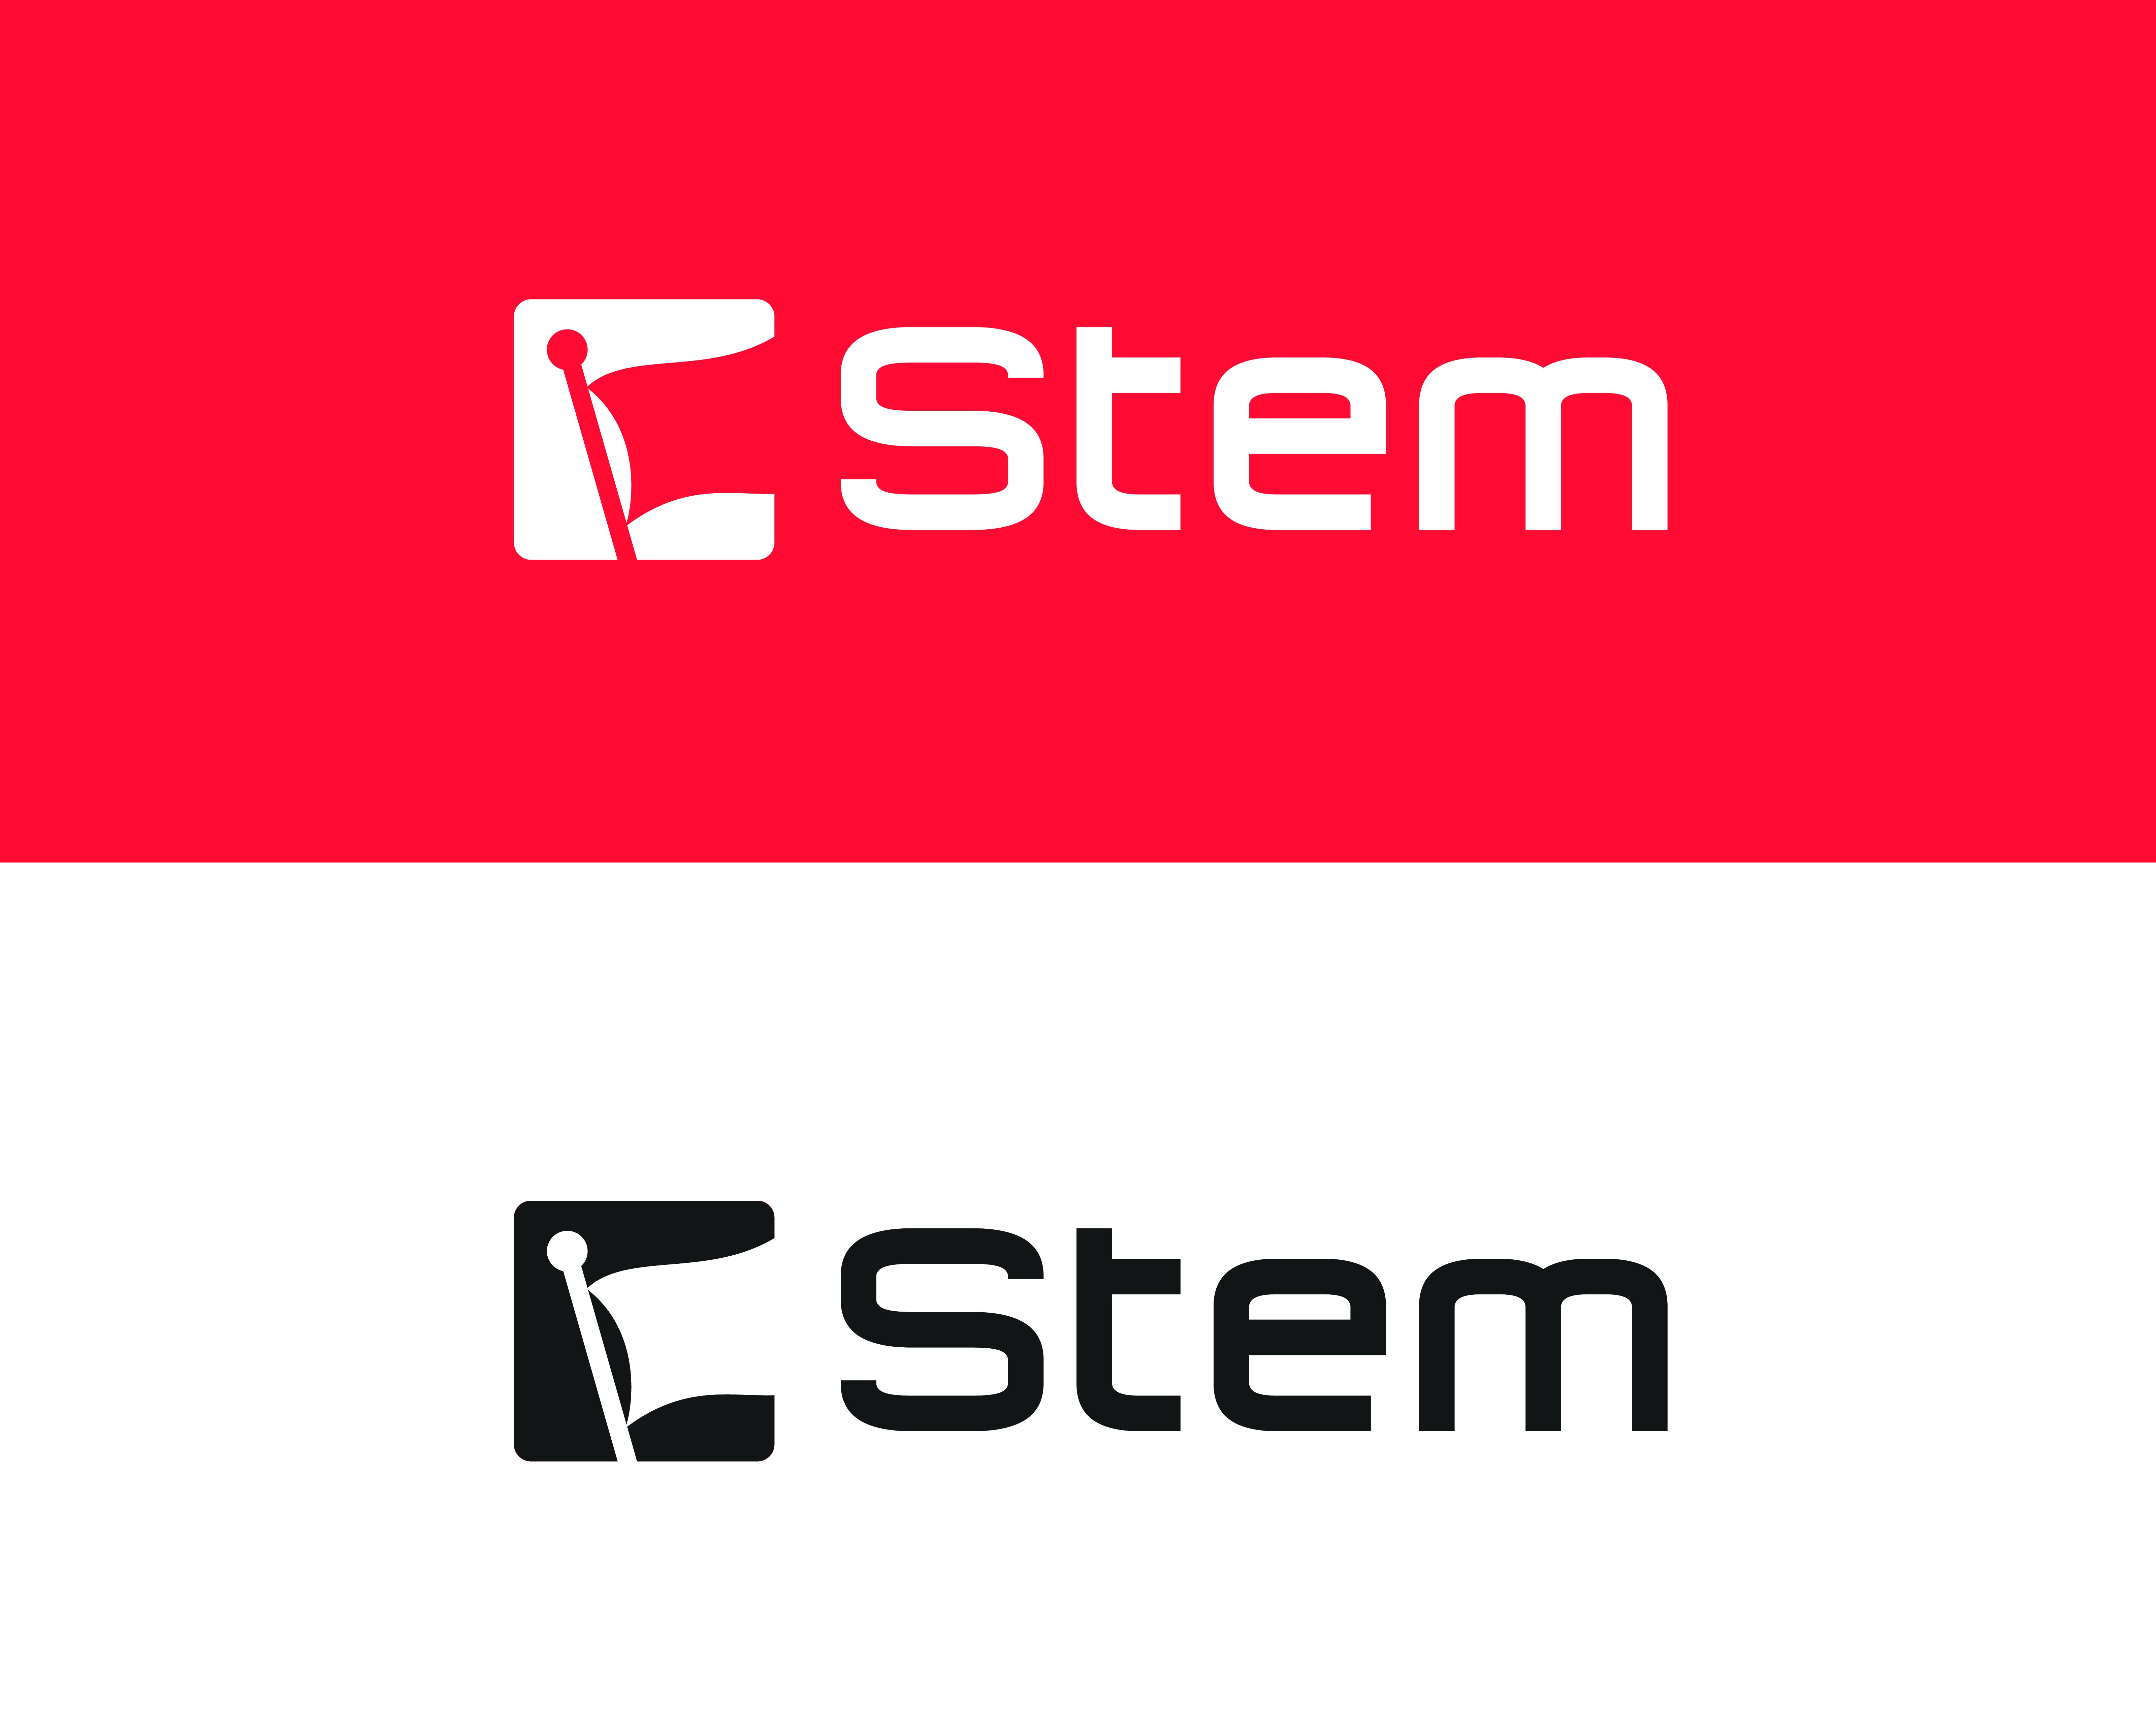 Разработка названия бренда + логотип фото f_8905902f26d01c7c.jpg